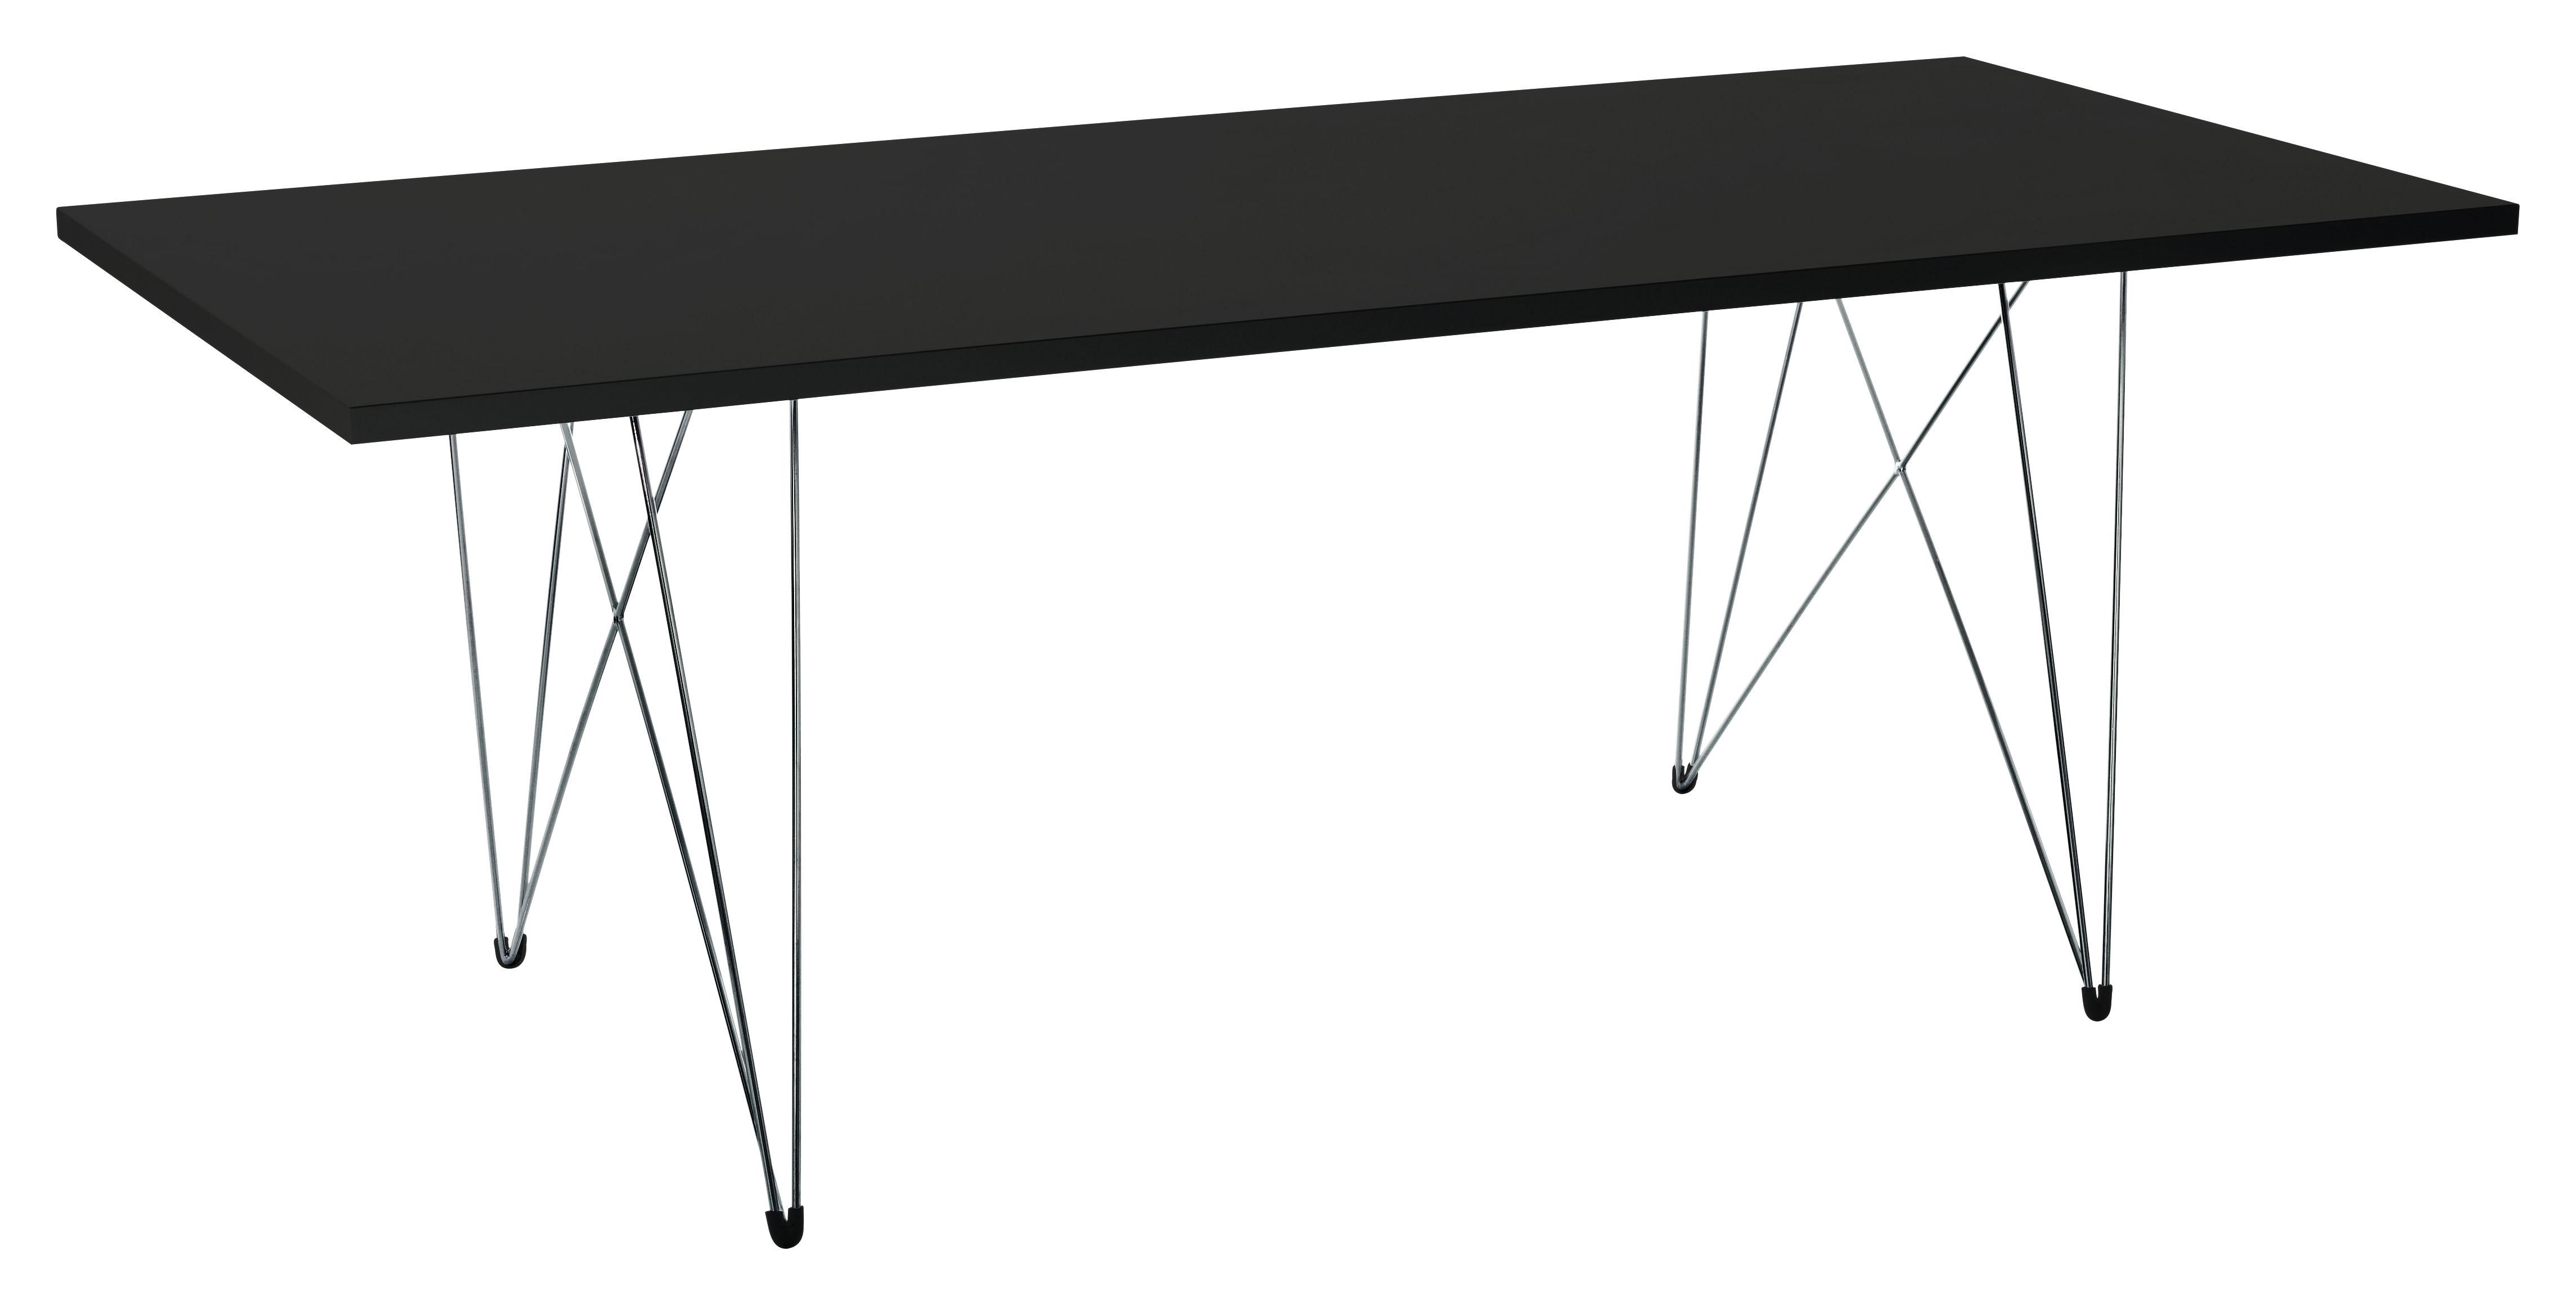 aktion - Style industriel - XZ3 rechteckiger Tisch rechteckig - 200 x 90 cm - Magis - Schwarz - 200 x 90 cm - Holzfaserplatte im Polymer-Finish, Stahl